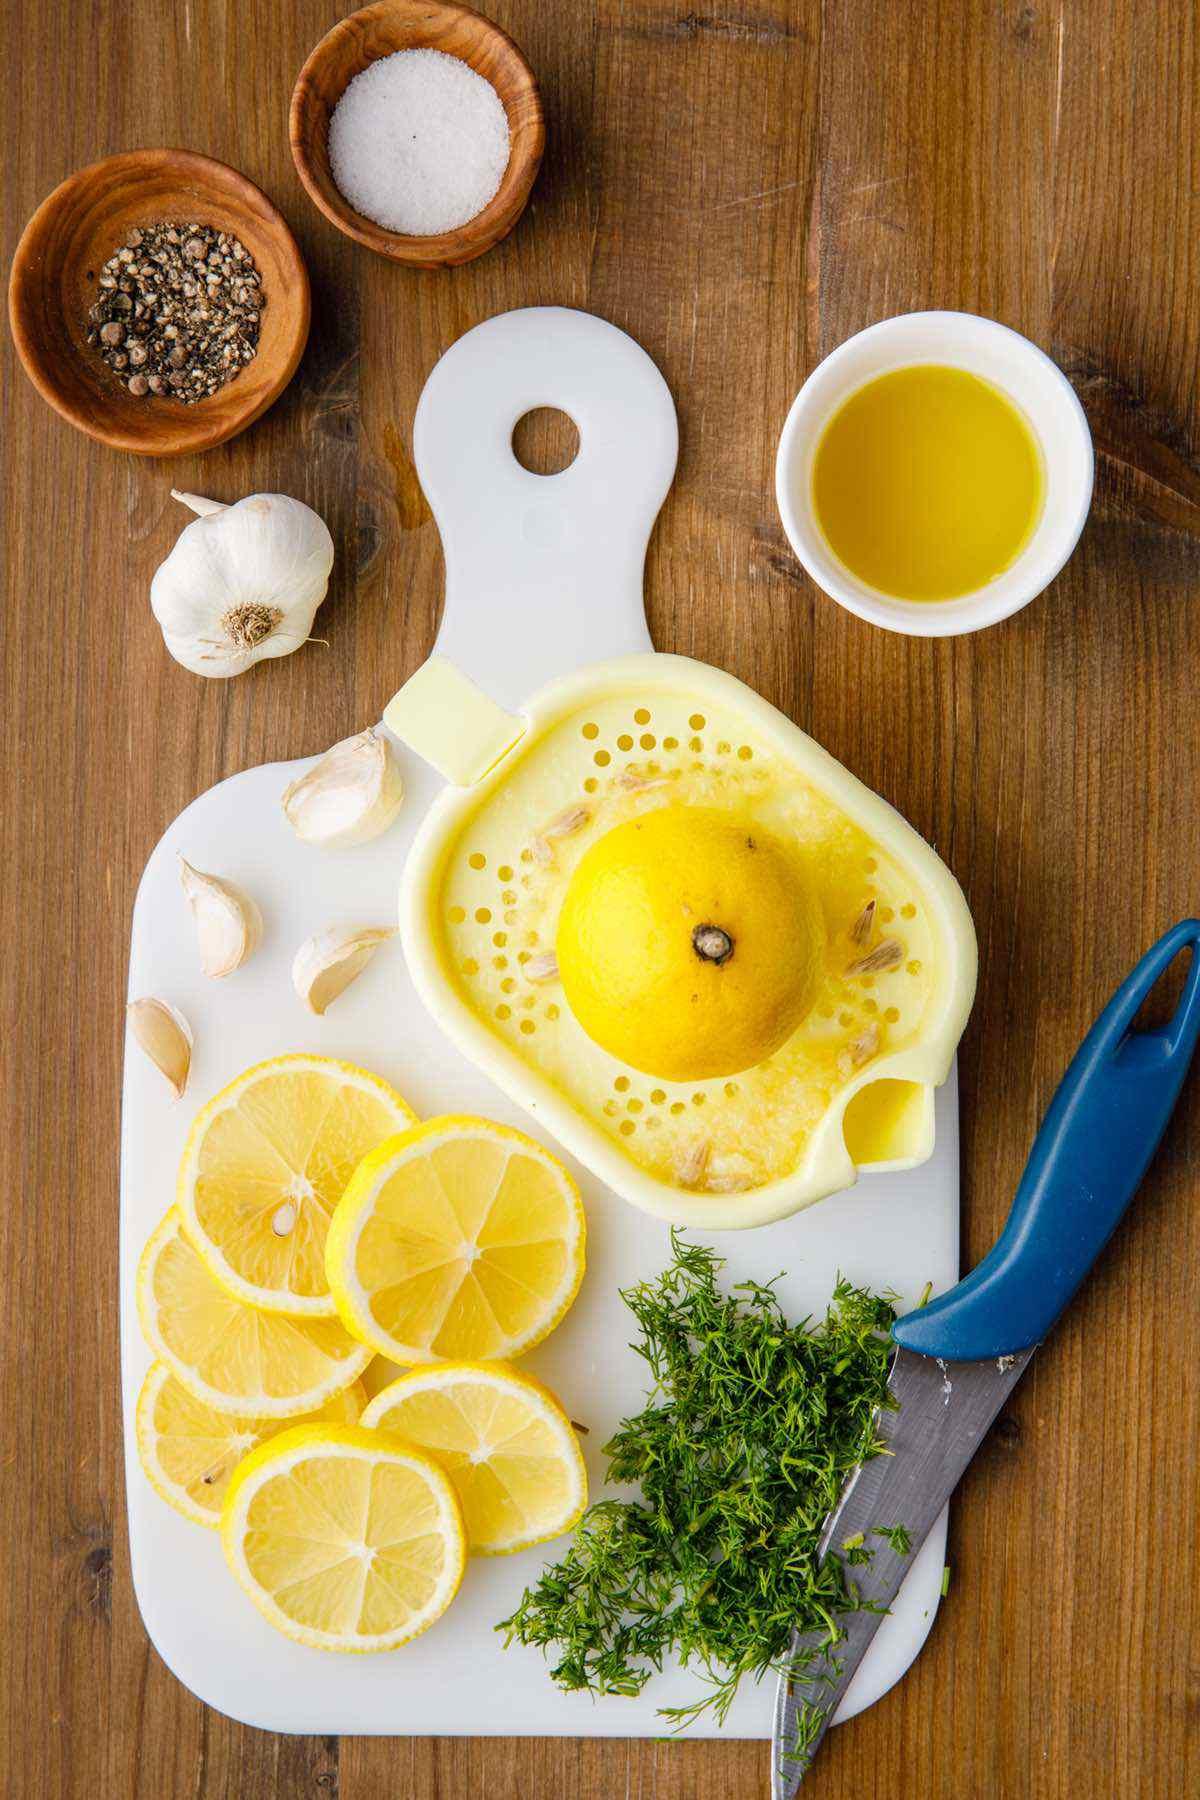 preparing lemons